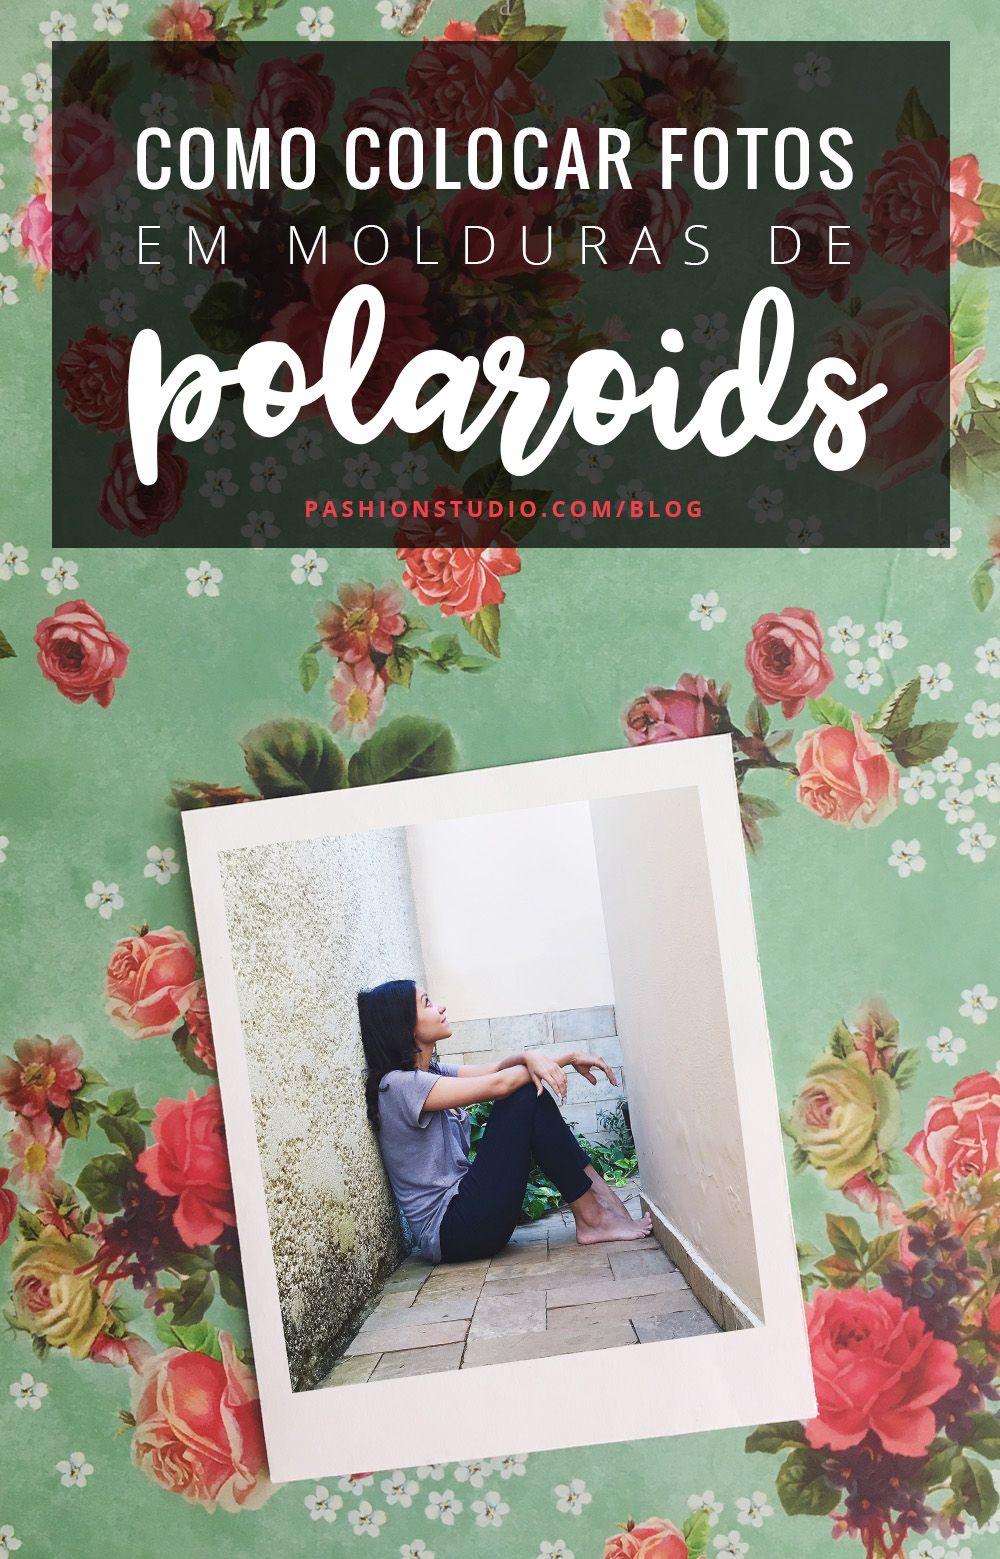 Como Colocar Fotos Em Molduras De Polaroids 5 Pngs Para Baixar